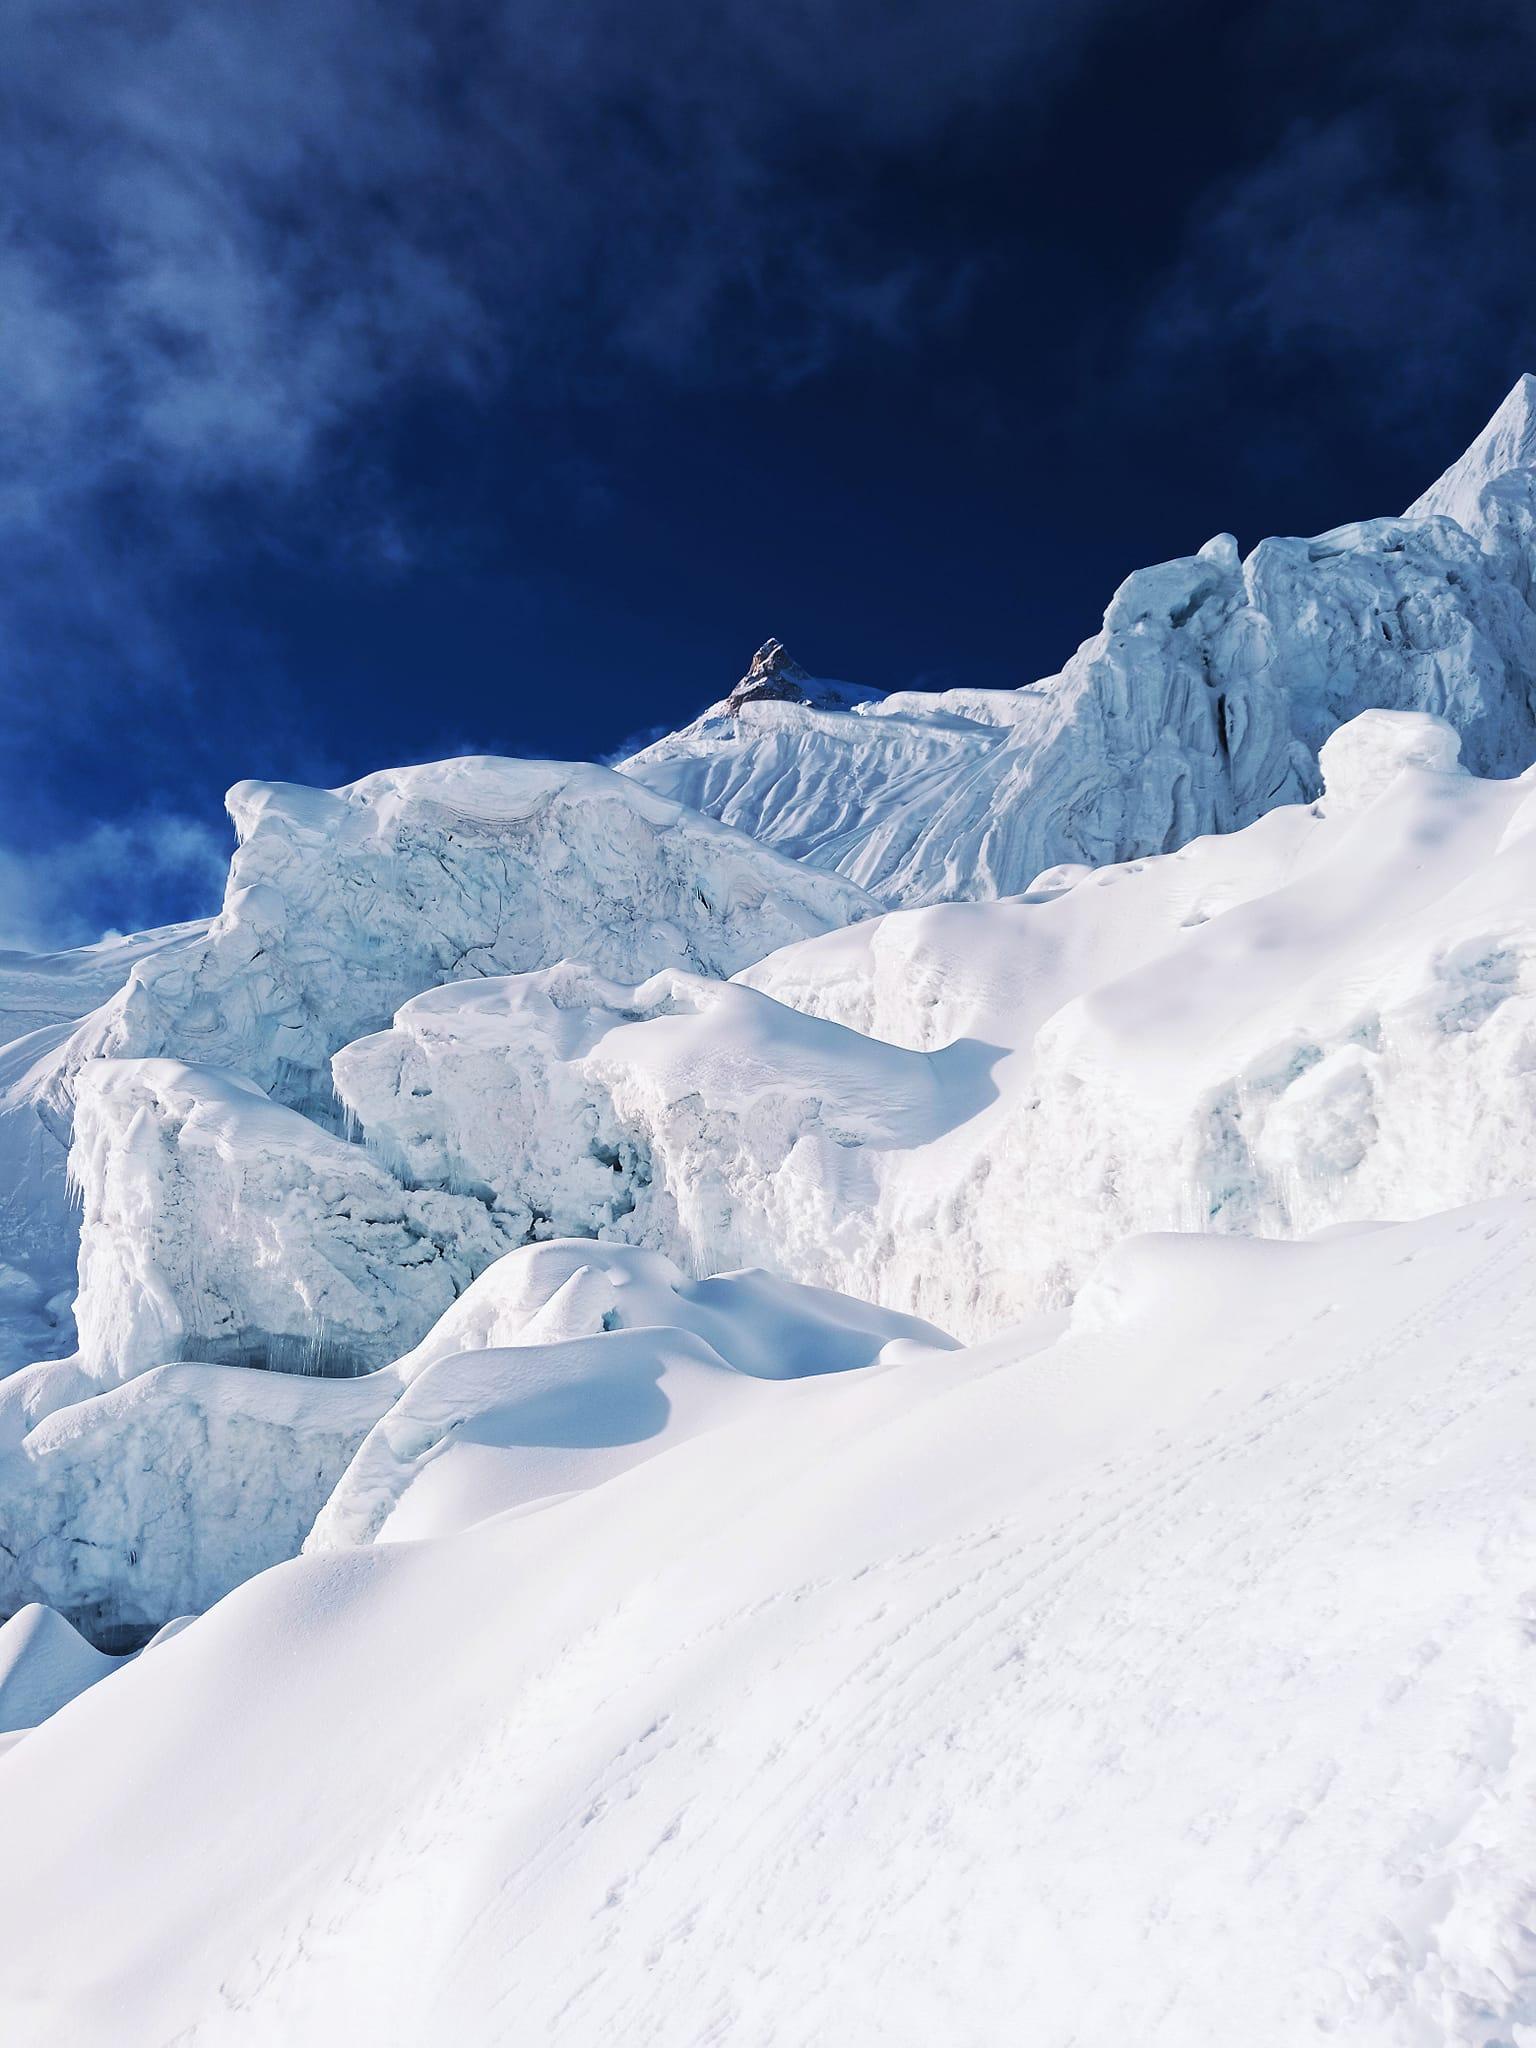 Украинец покорил восьмую по высоте вершину мира - фото 3